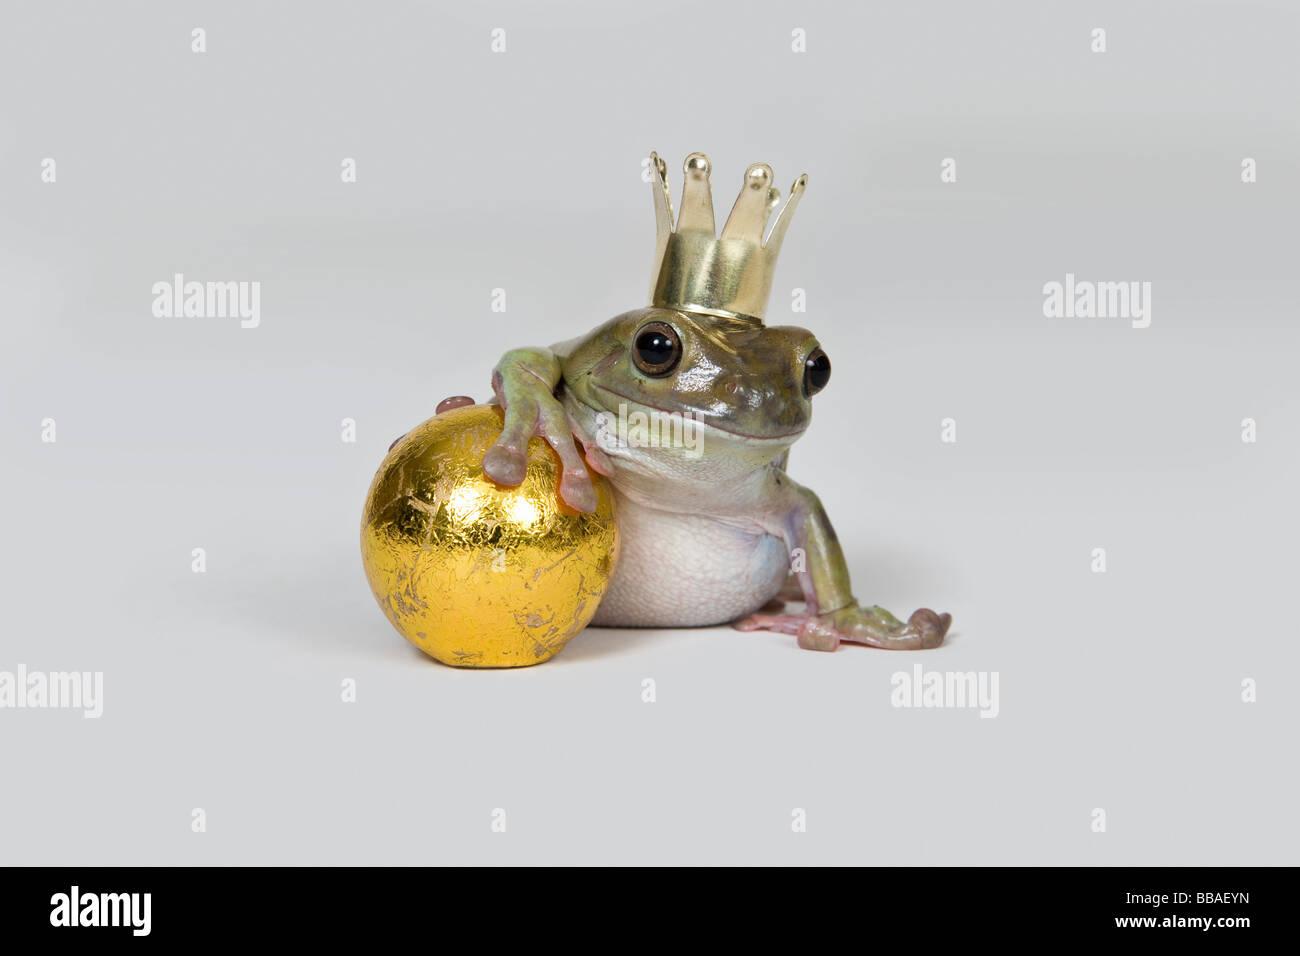 The frog prince and gold ball, studio shot - Stock Image